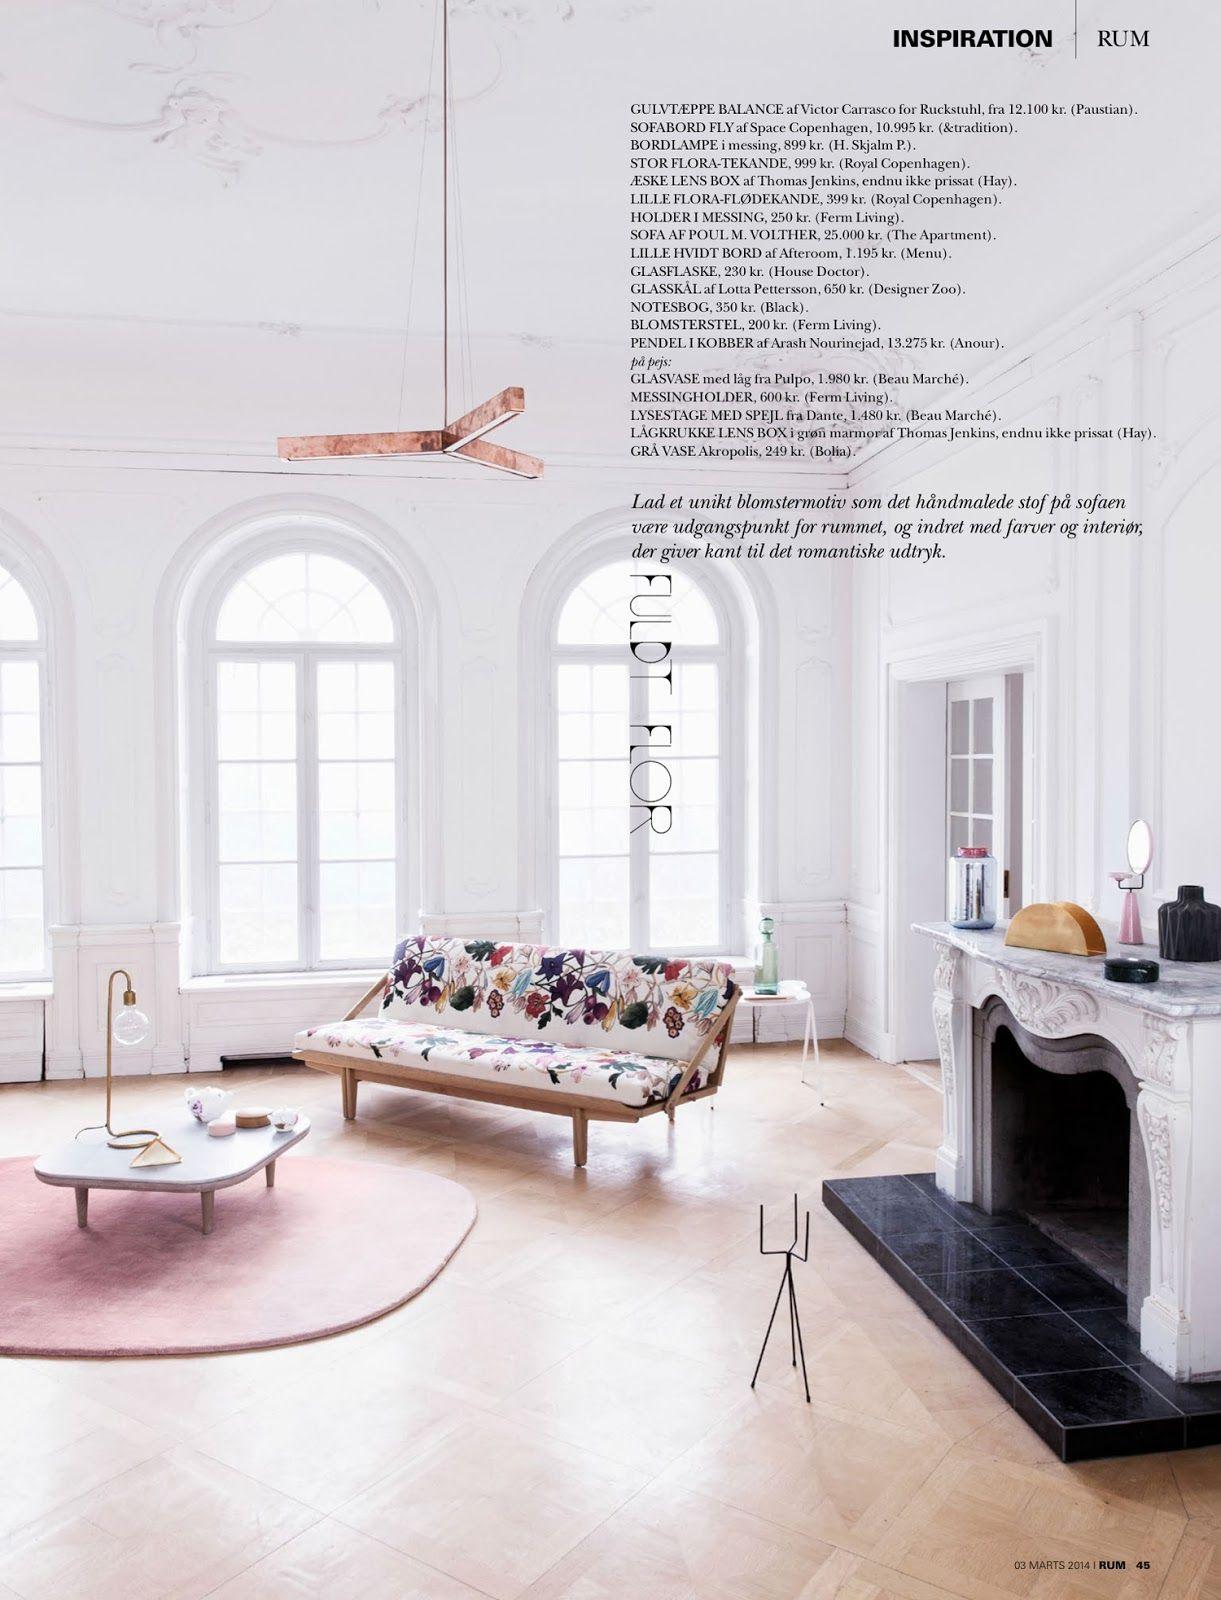 Ma Petite Fabrique De Meubles spring inspirationrum magazine // blog la petite